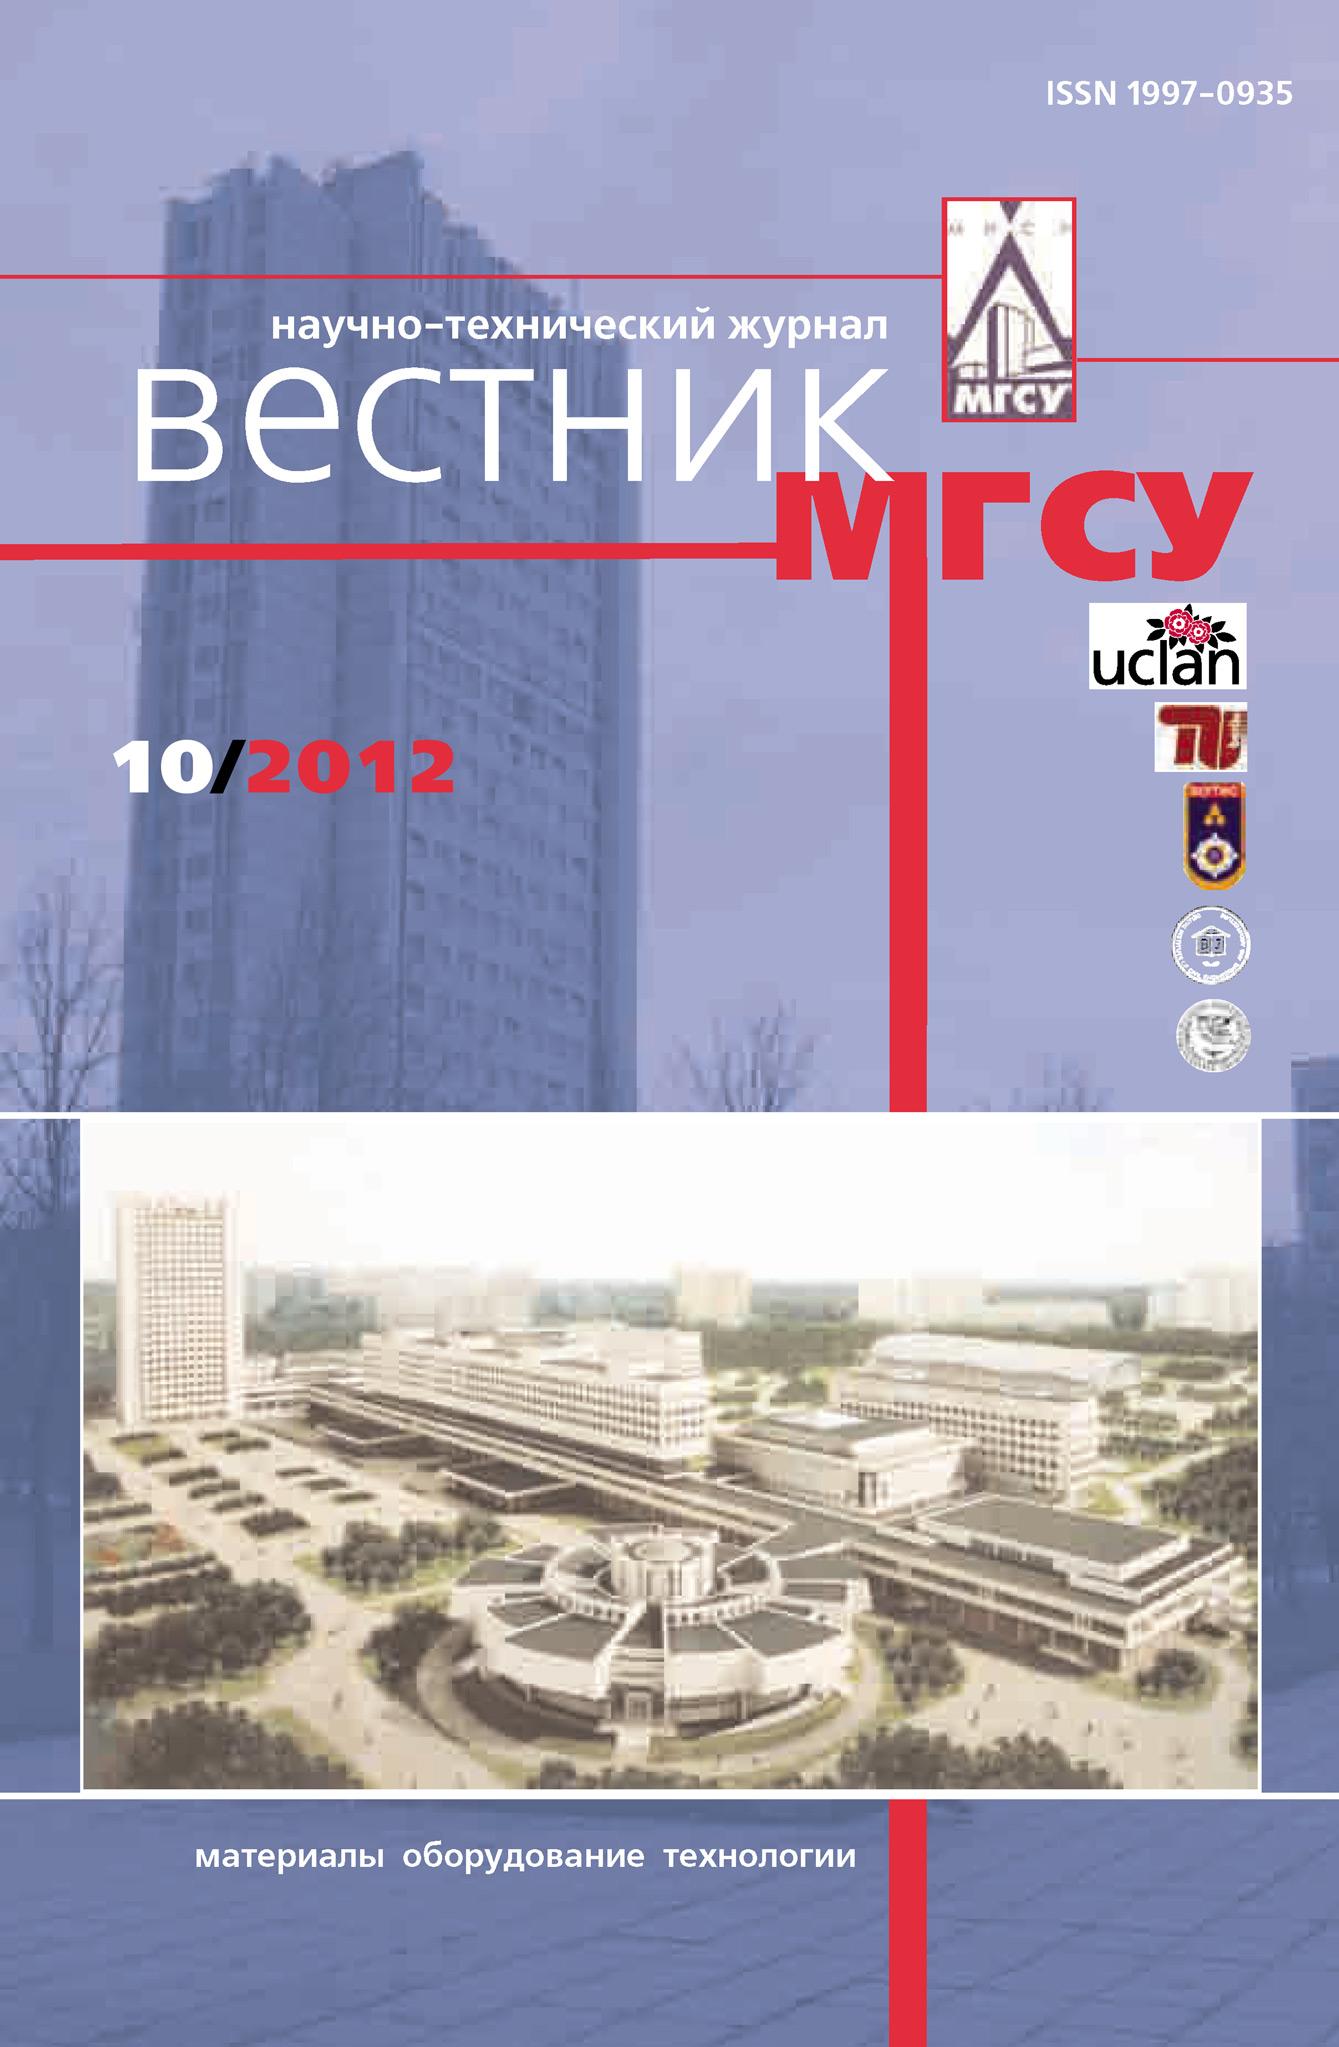 Отсутствует Вестник МГСУ №10 2012 отсутствует экономика и управление проблемы решения 05 2012